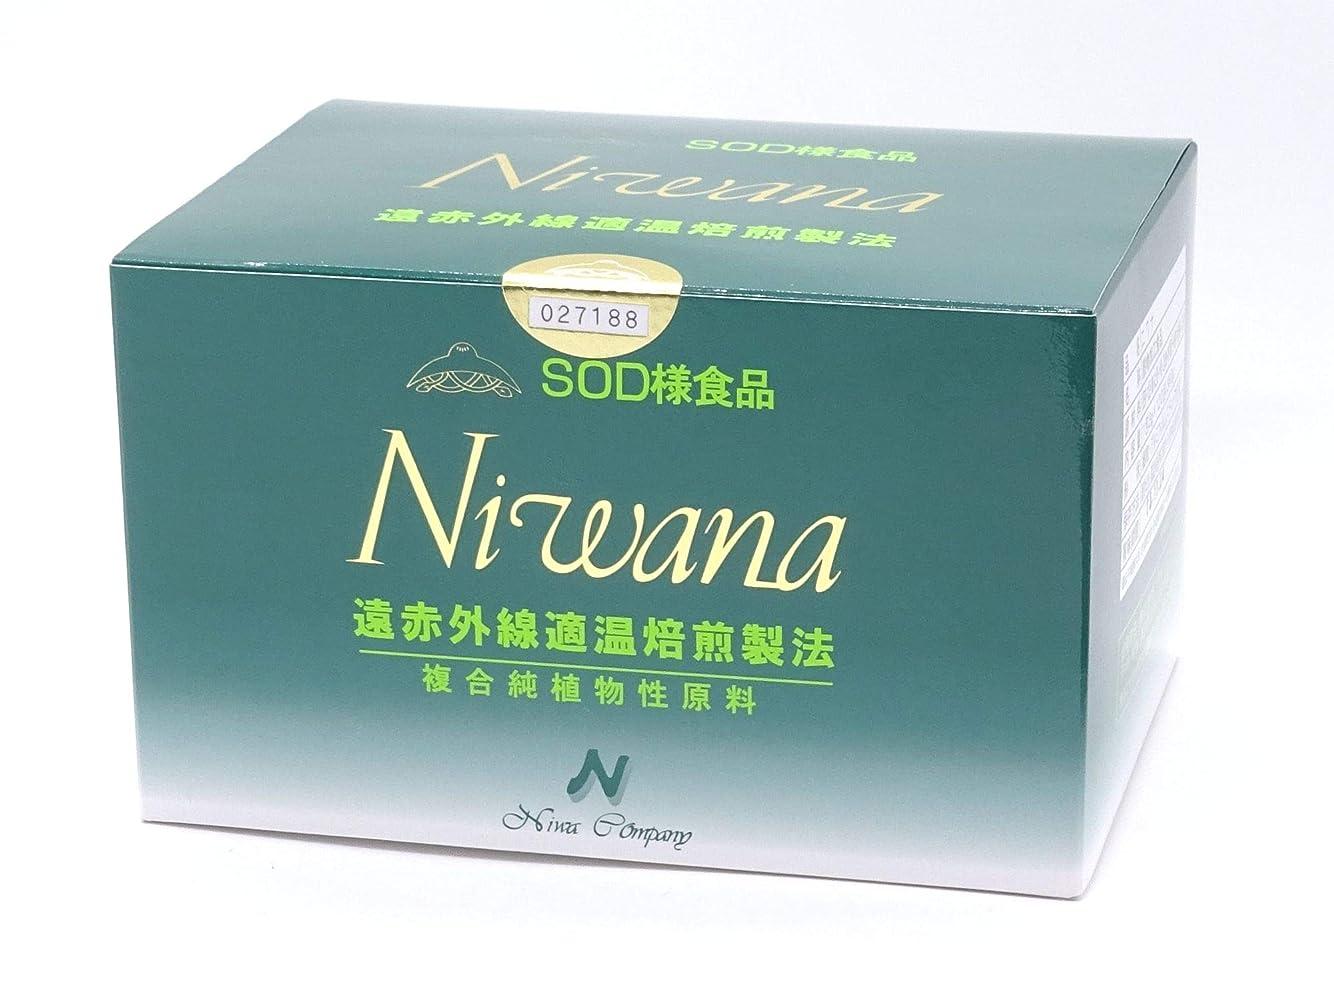 夜快適ひらめきSOD様食品 ニワナ NIWANA 120包入